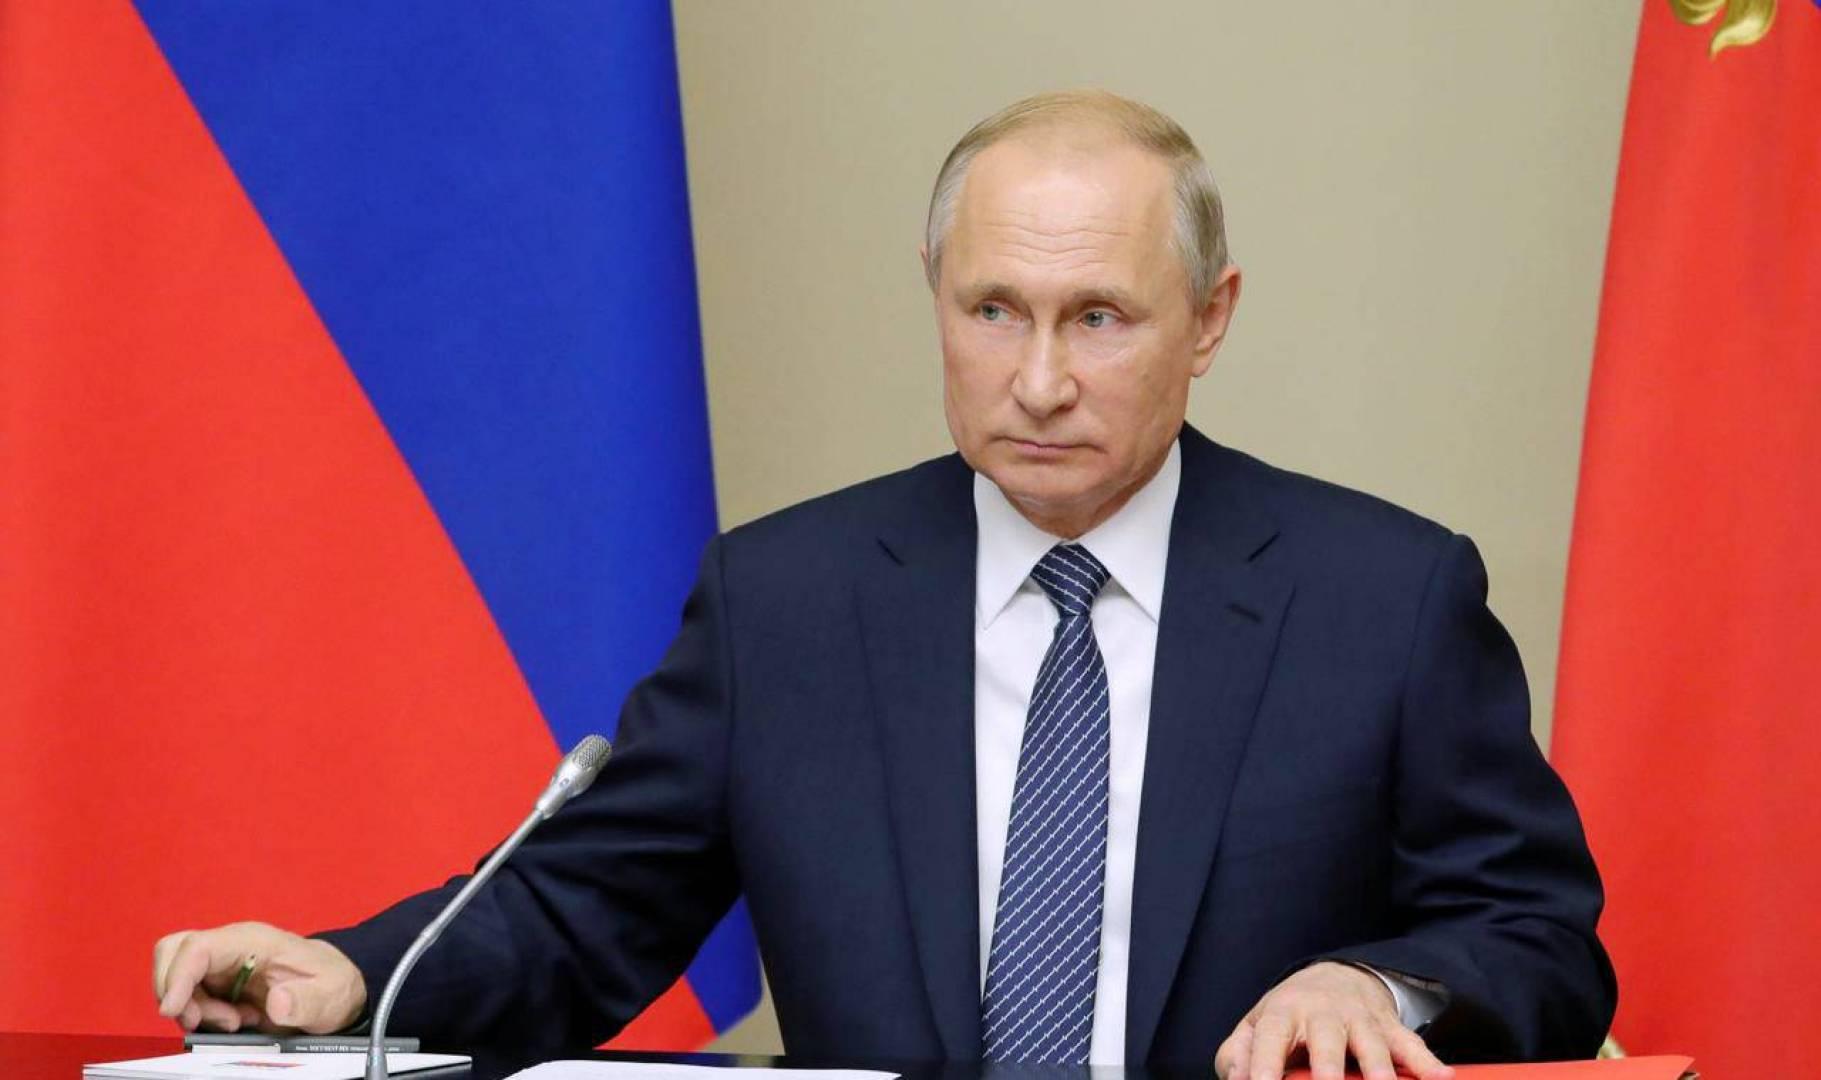 بوتين: نحترم مصالح السعودية